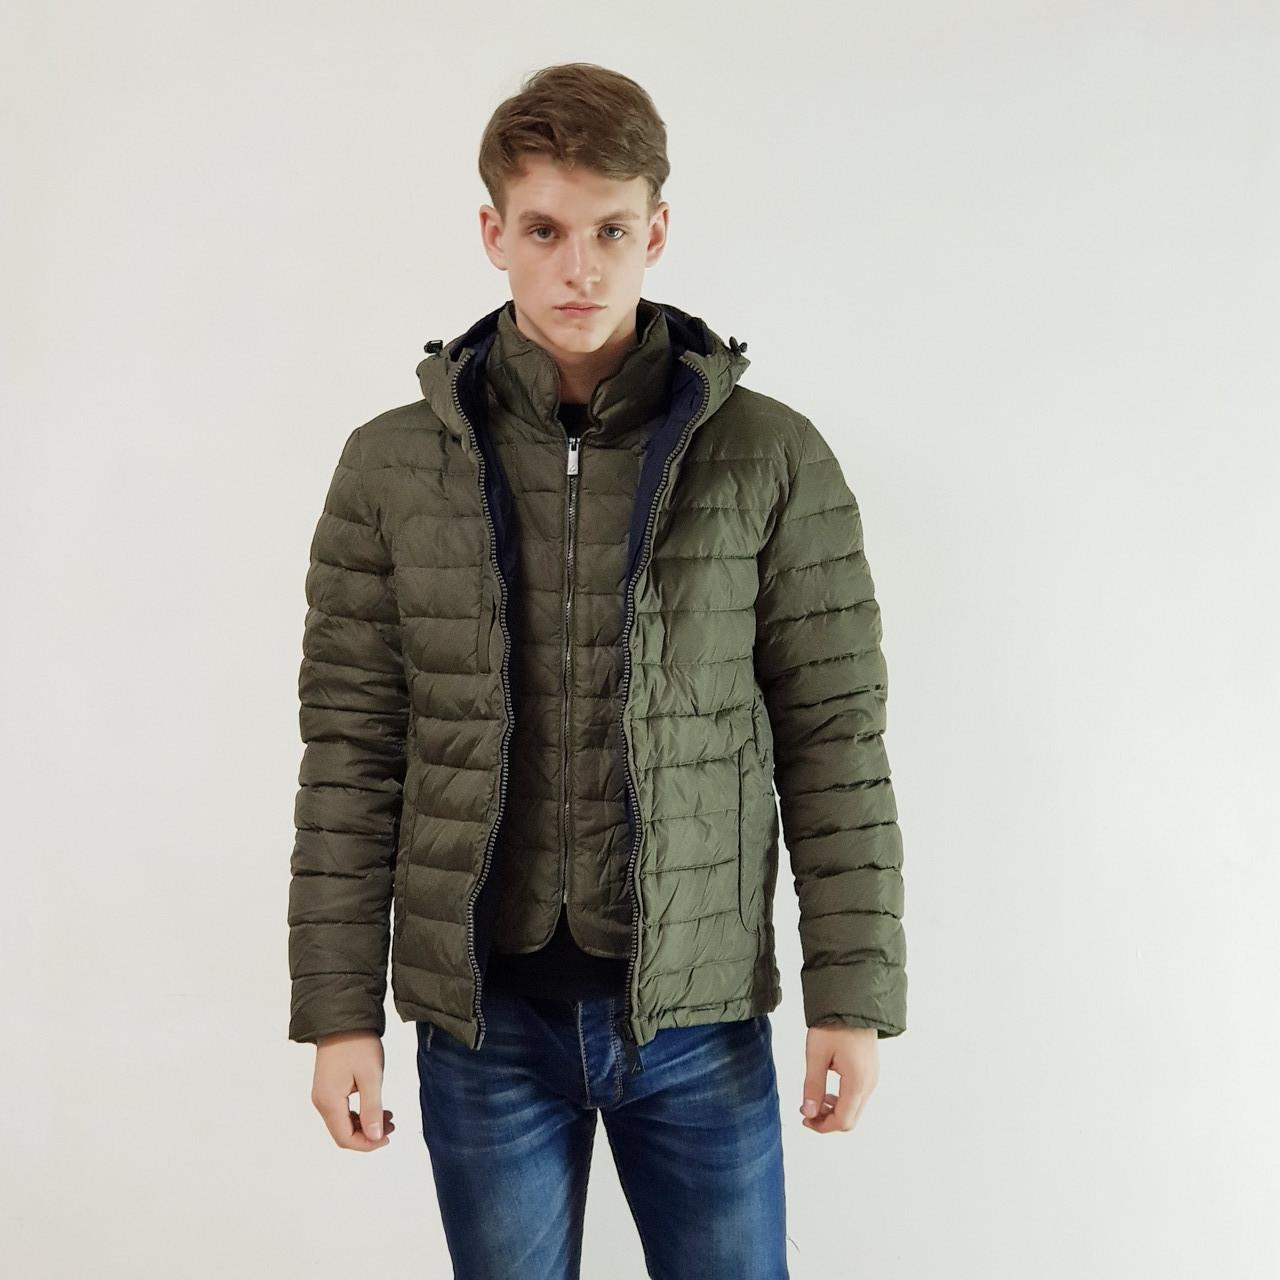 Куртка мужская зимняя Snowimage с капюшоном 48 оливковый 119-4413